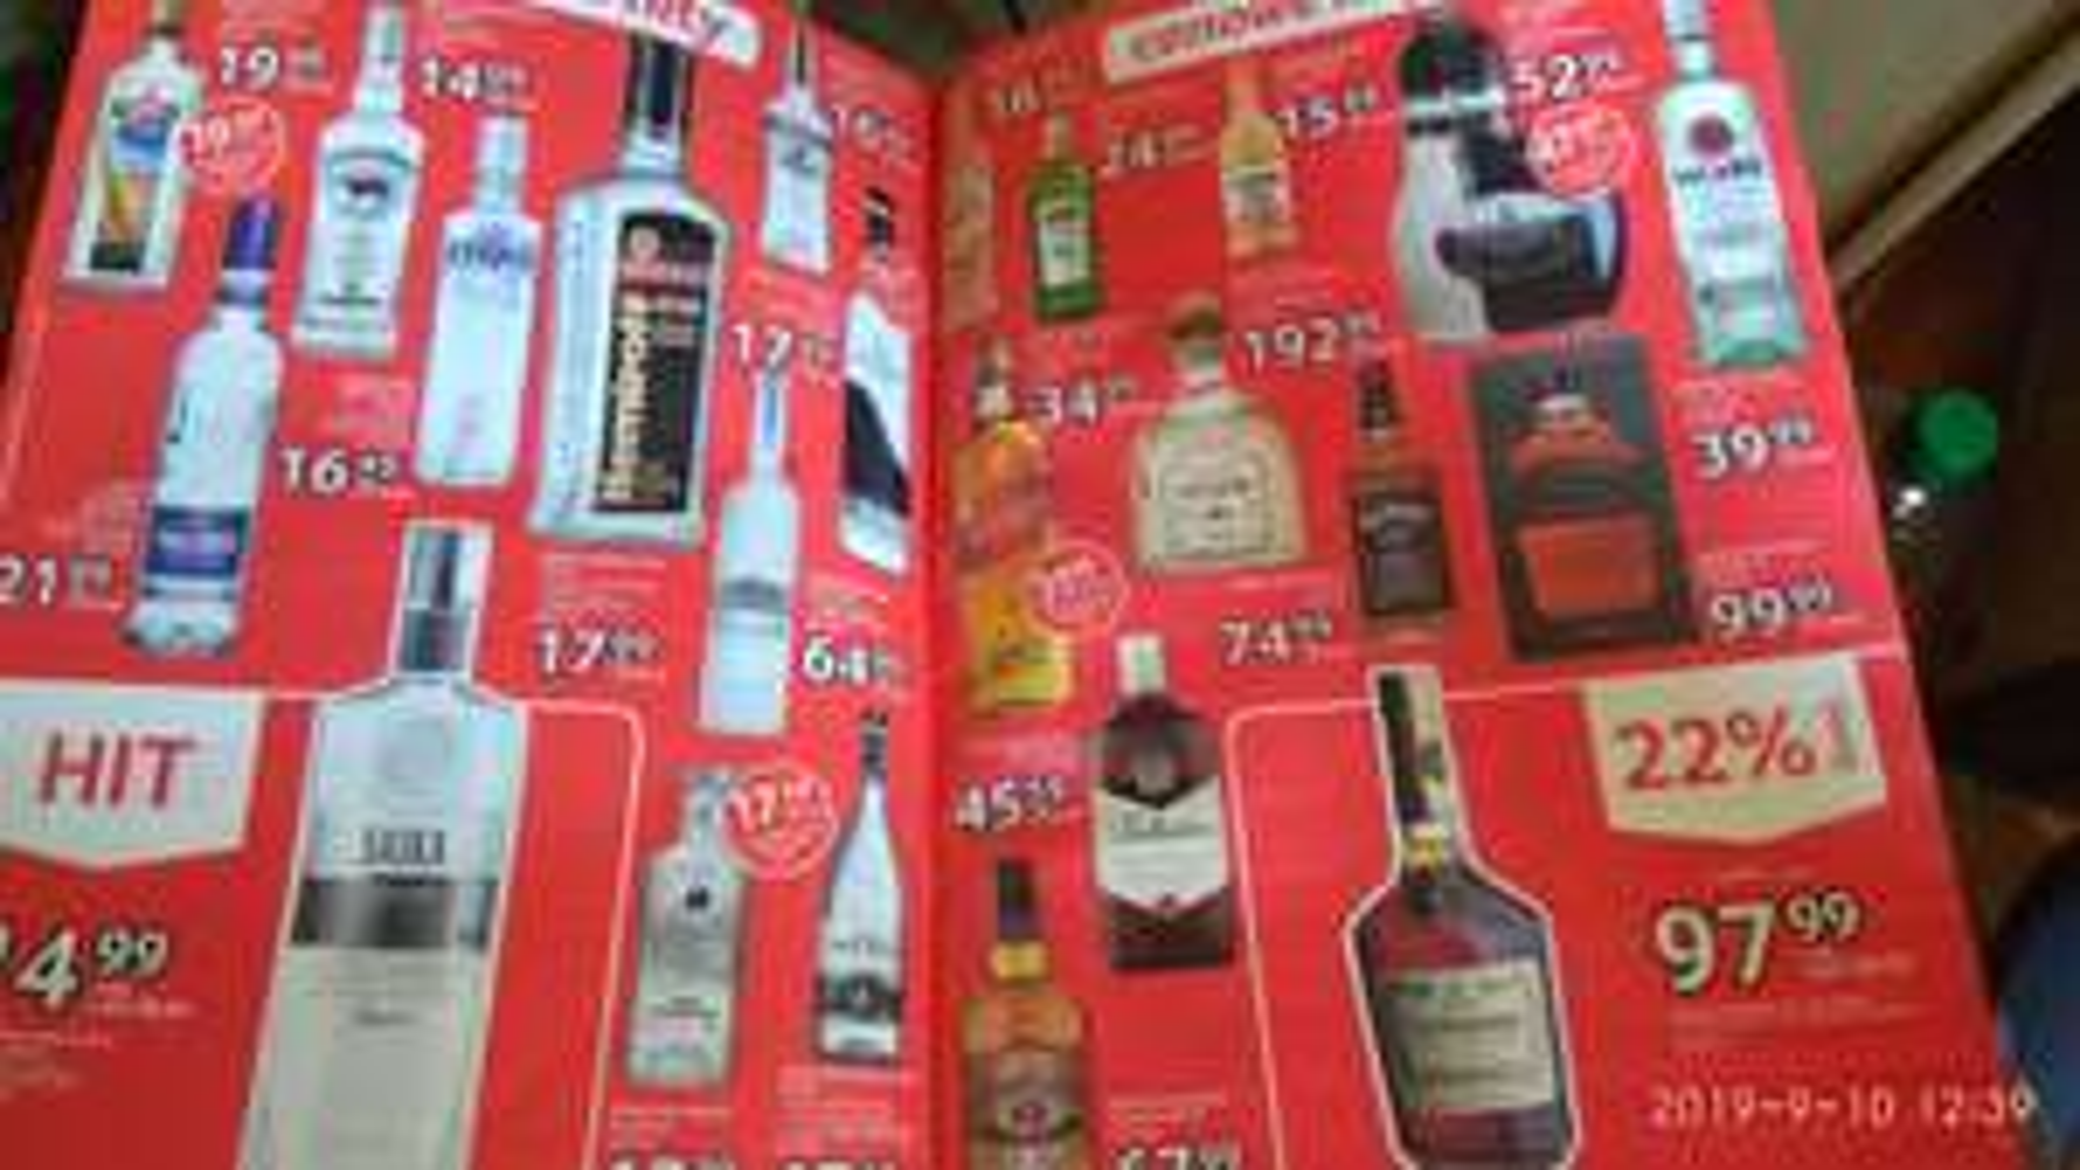 """(18+) Alkohole selgros gazetka """"5 urodziny"""""""